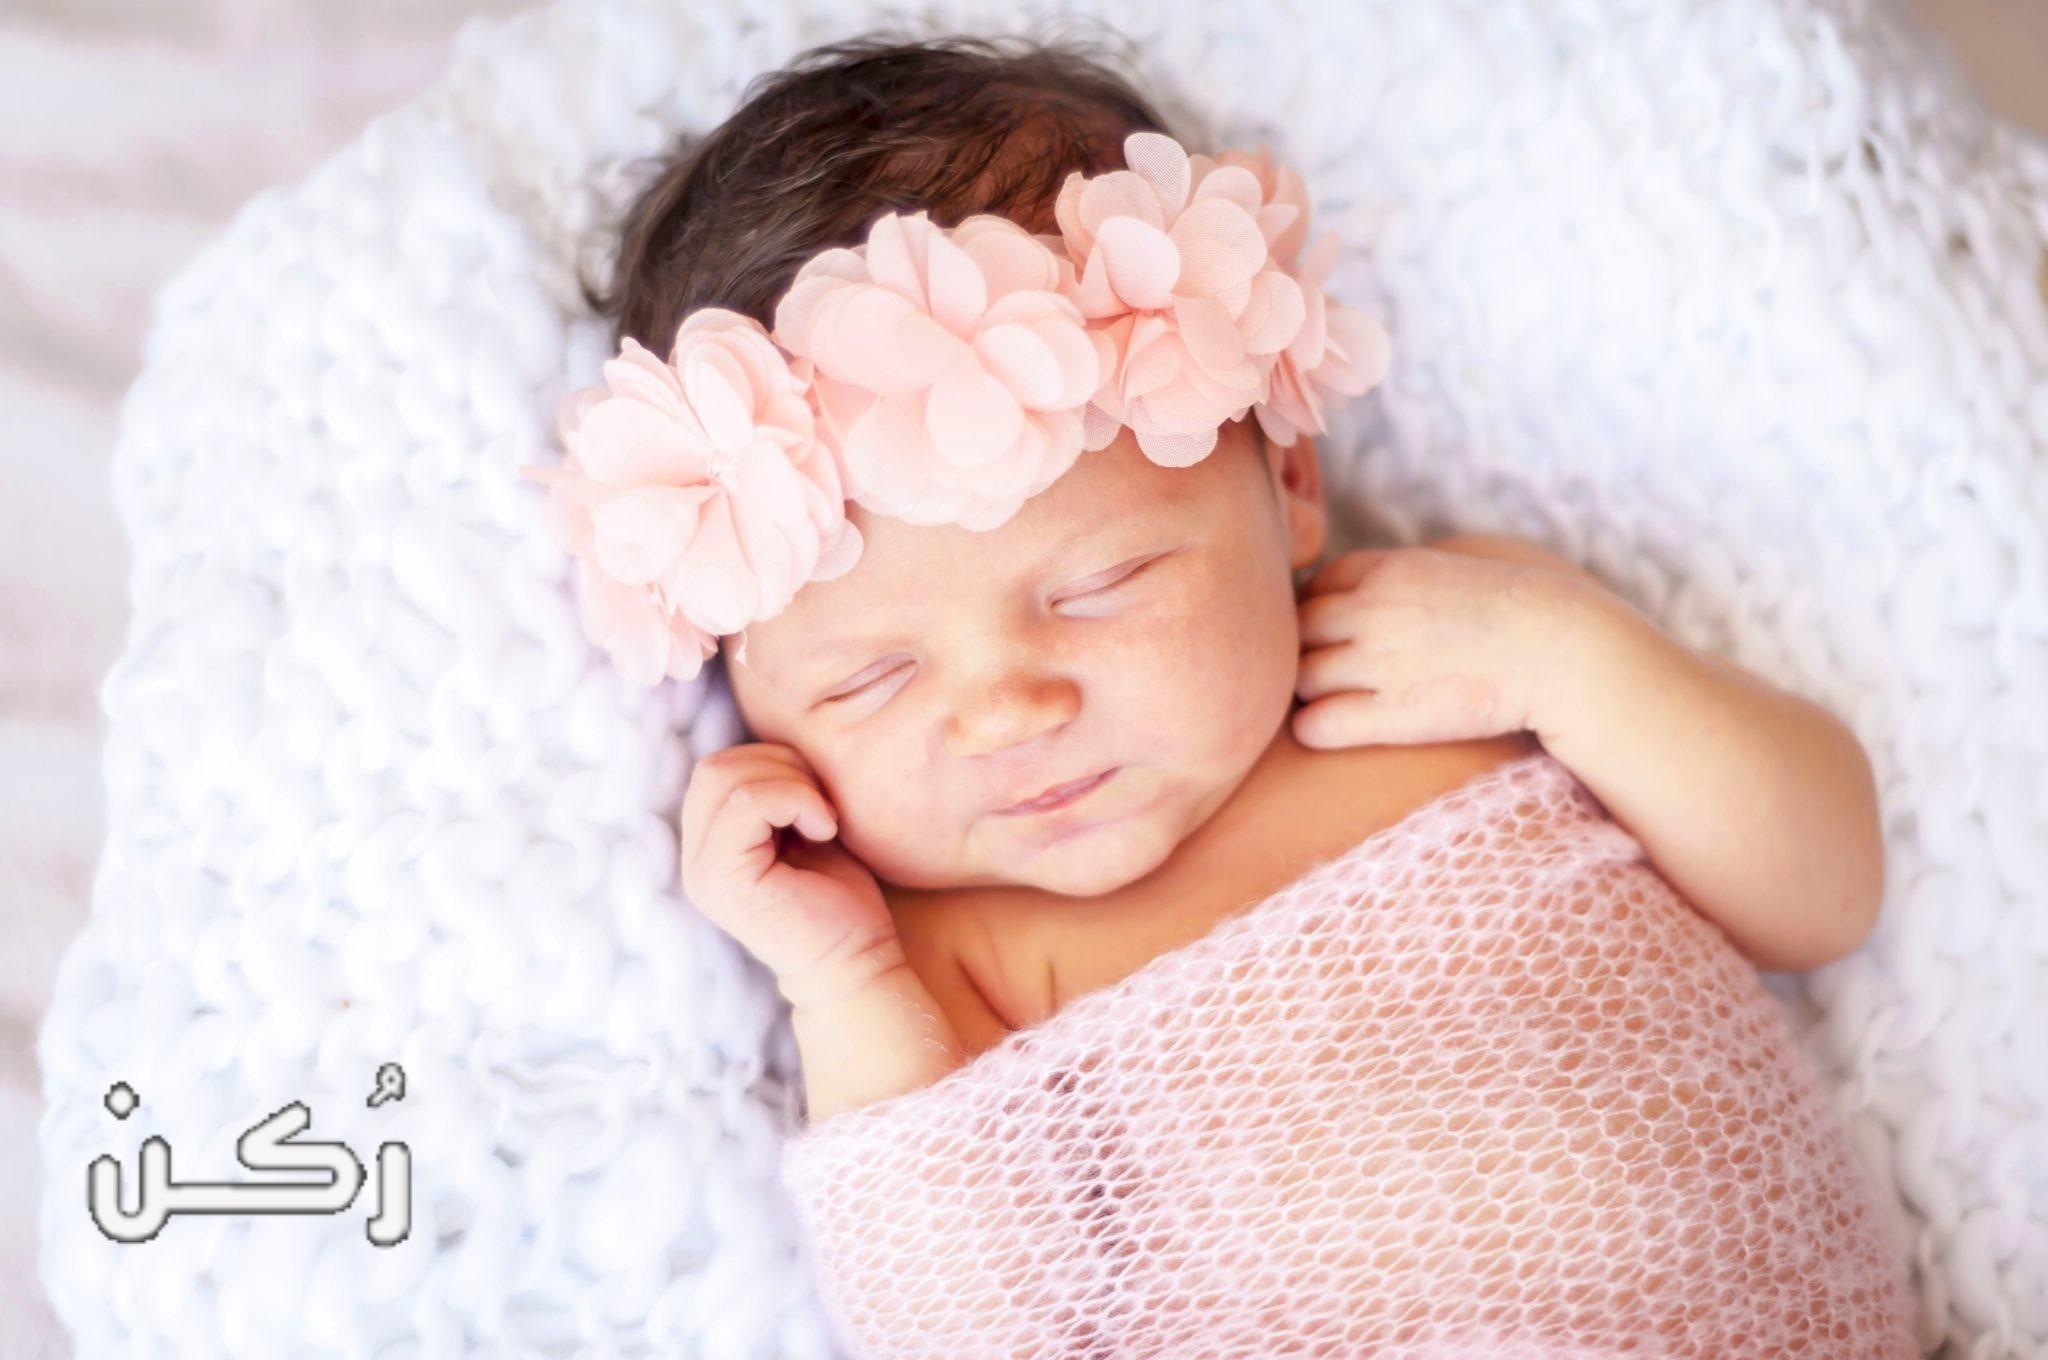 اسماء بنات بحرف السين للمواليد الجديدة